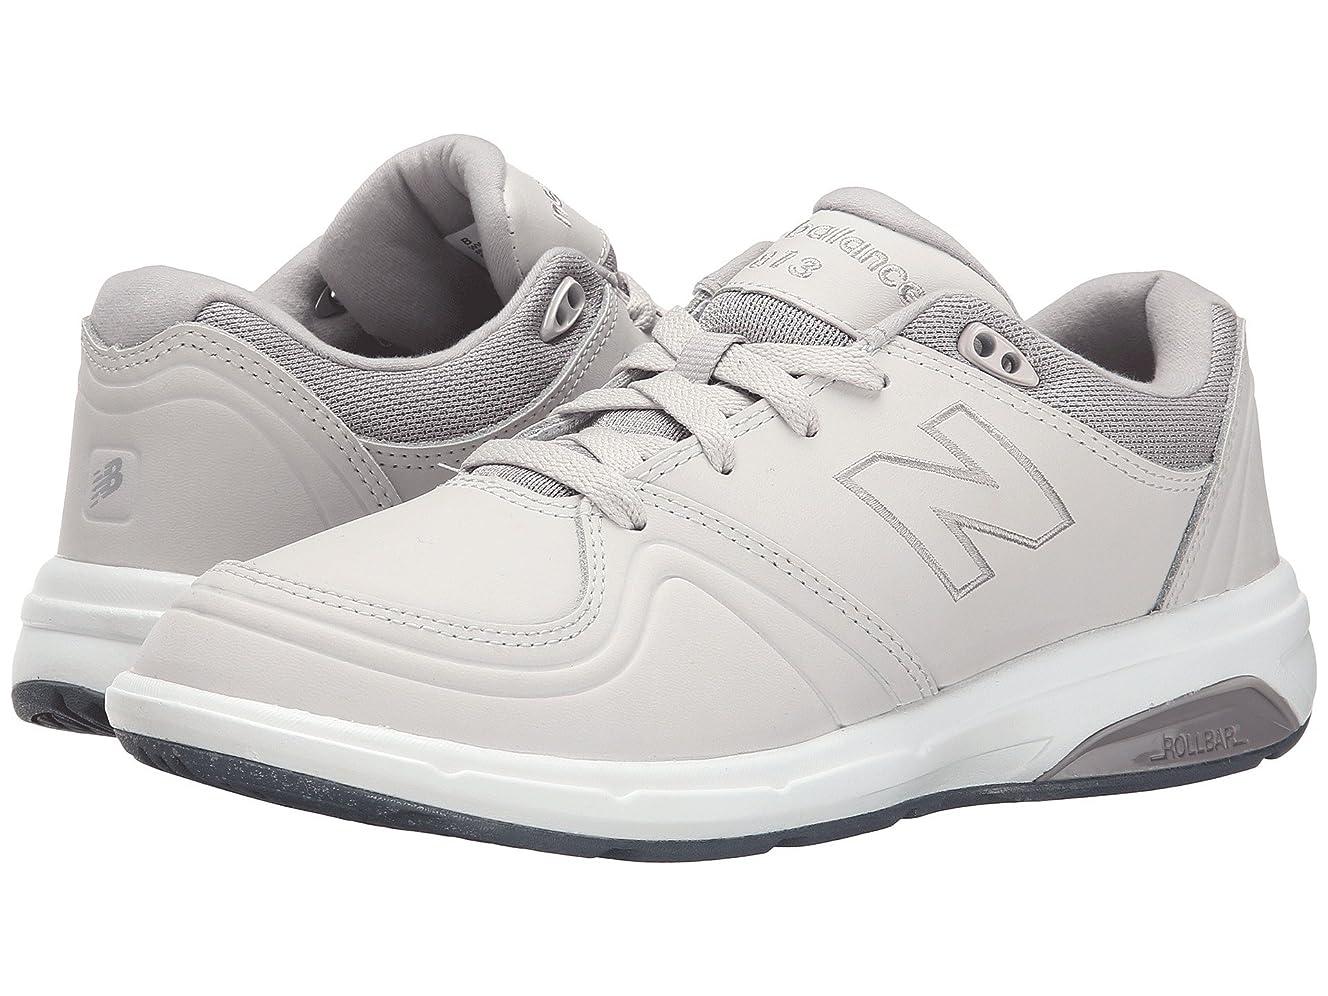 それに応じて溶融ワーディアンケース[new balance(ニューバランス)] レディースウォーキングシューズ?靴 WW813 Grey 1 10.5 (27.5cm) D - Wide [並行輸入品]